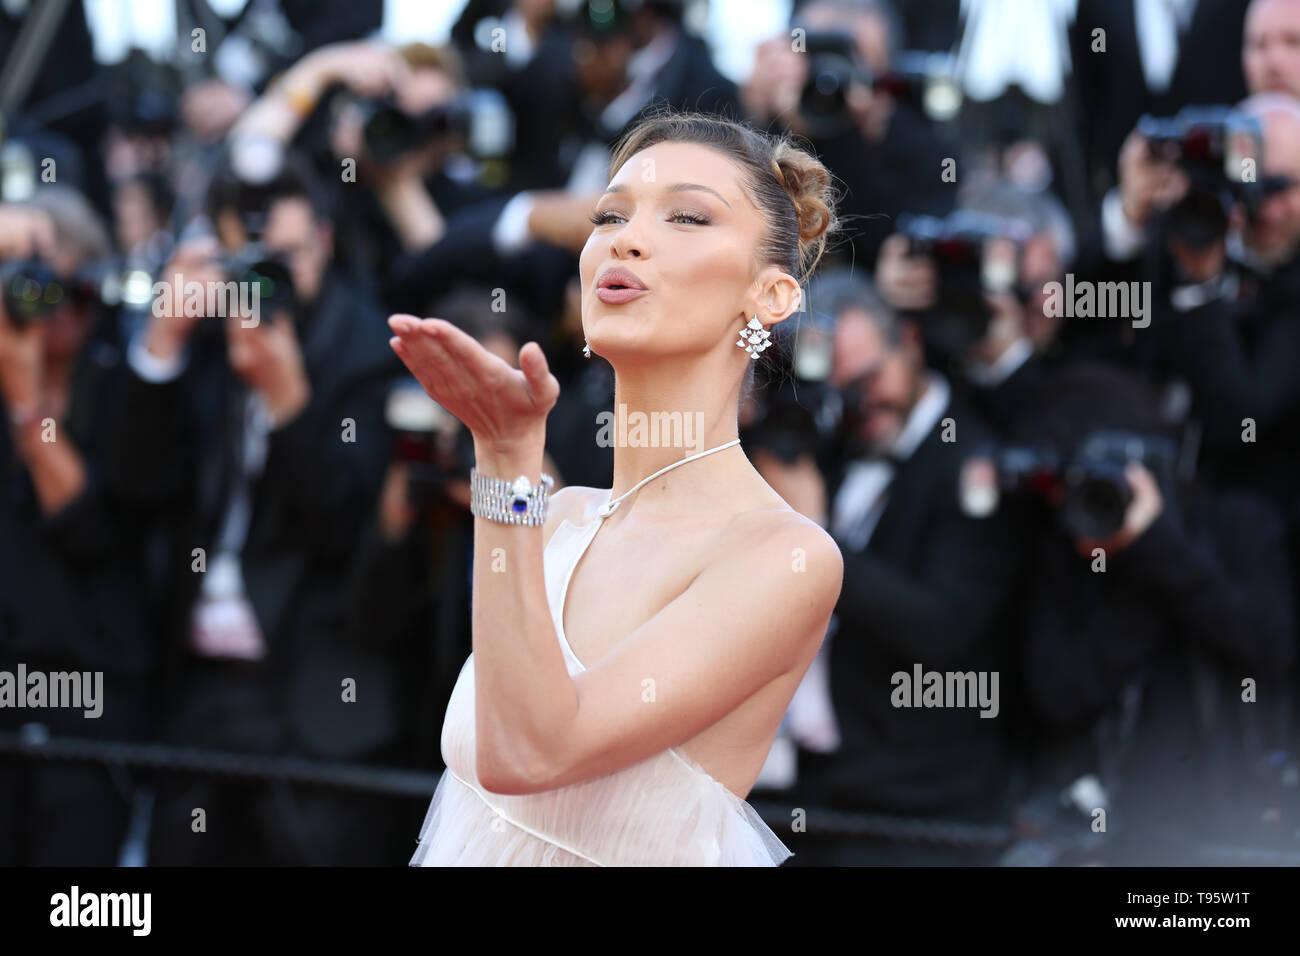 """CANNES, Francia - 16 Maggio: Bella Hadid assiste lo screening di """"Rocket Man' durante la 72a Cannes Film Festival (credito: Mickael Chavet/Progetto Alba/Alamy Live News) Foto Stock"""